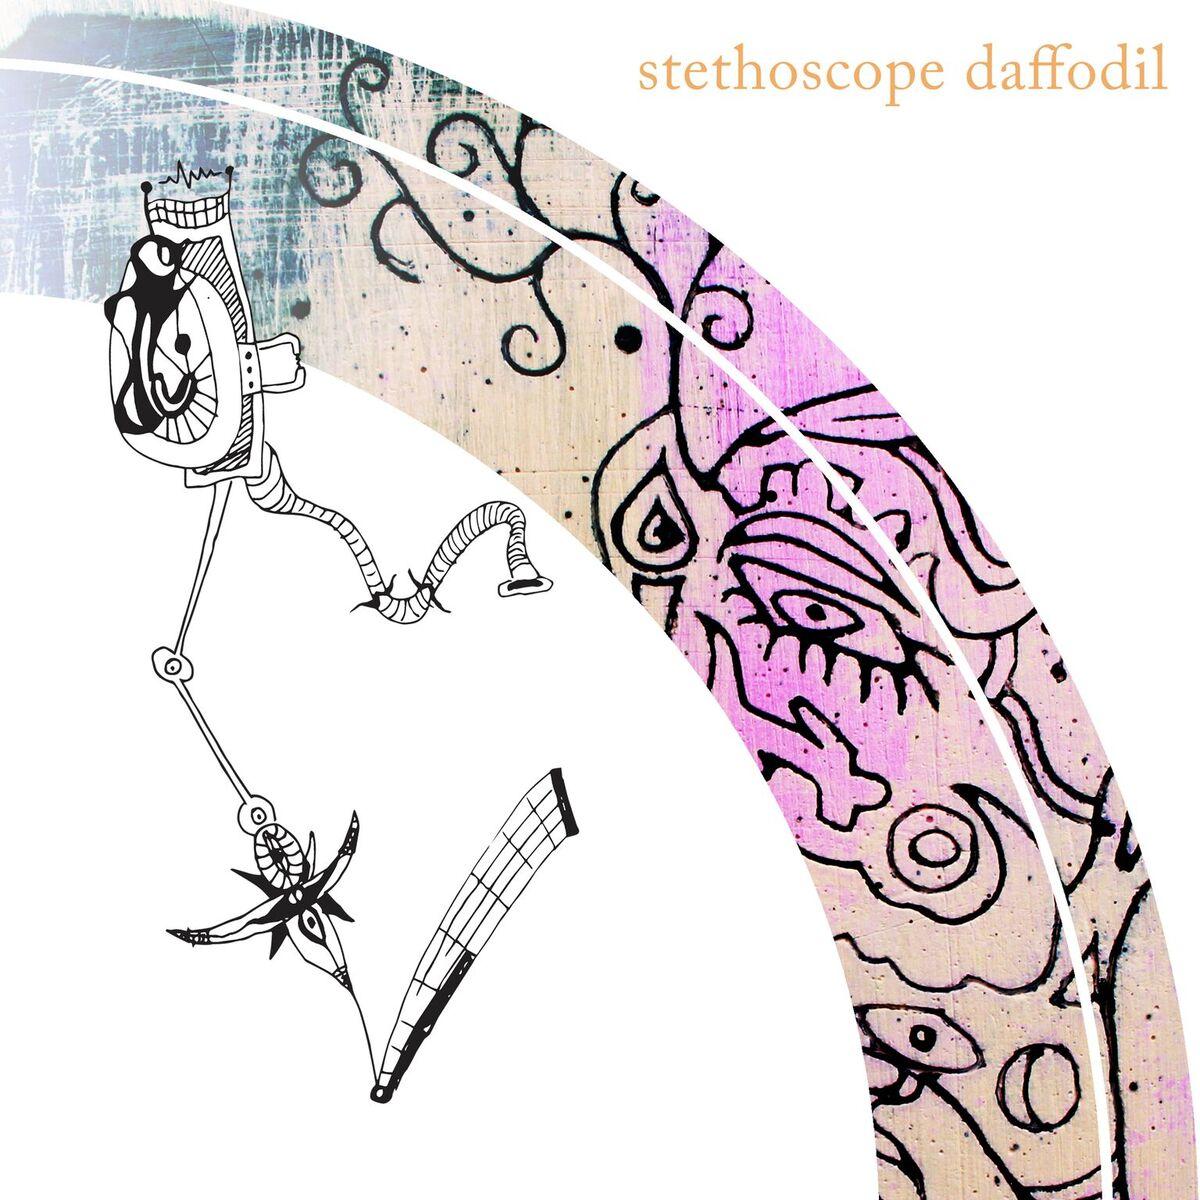 Stethoscope Daffodil EP